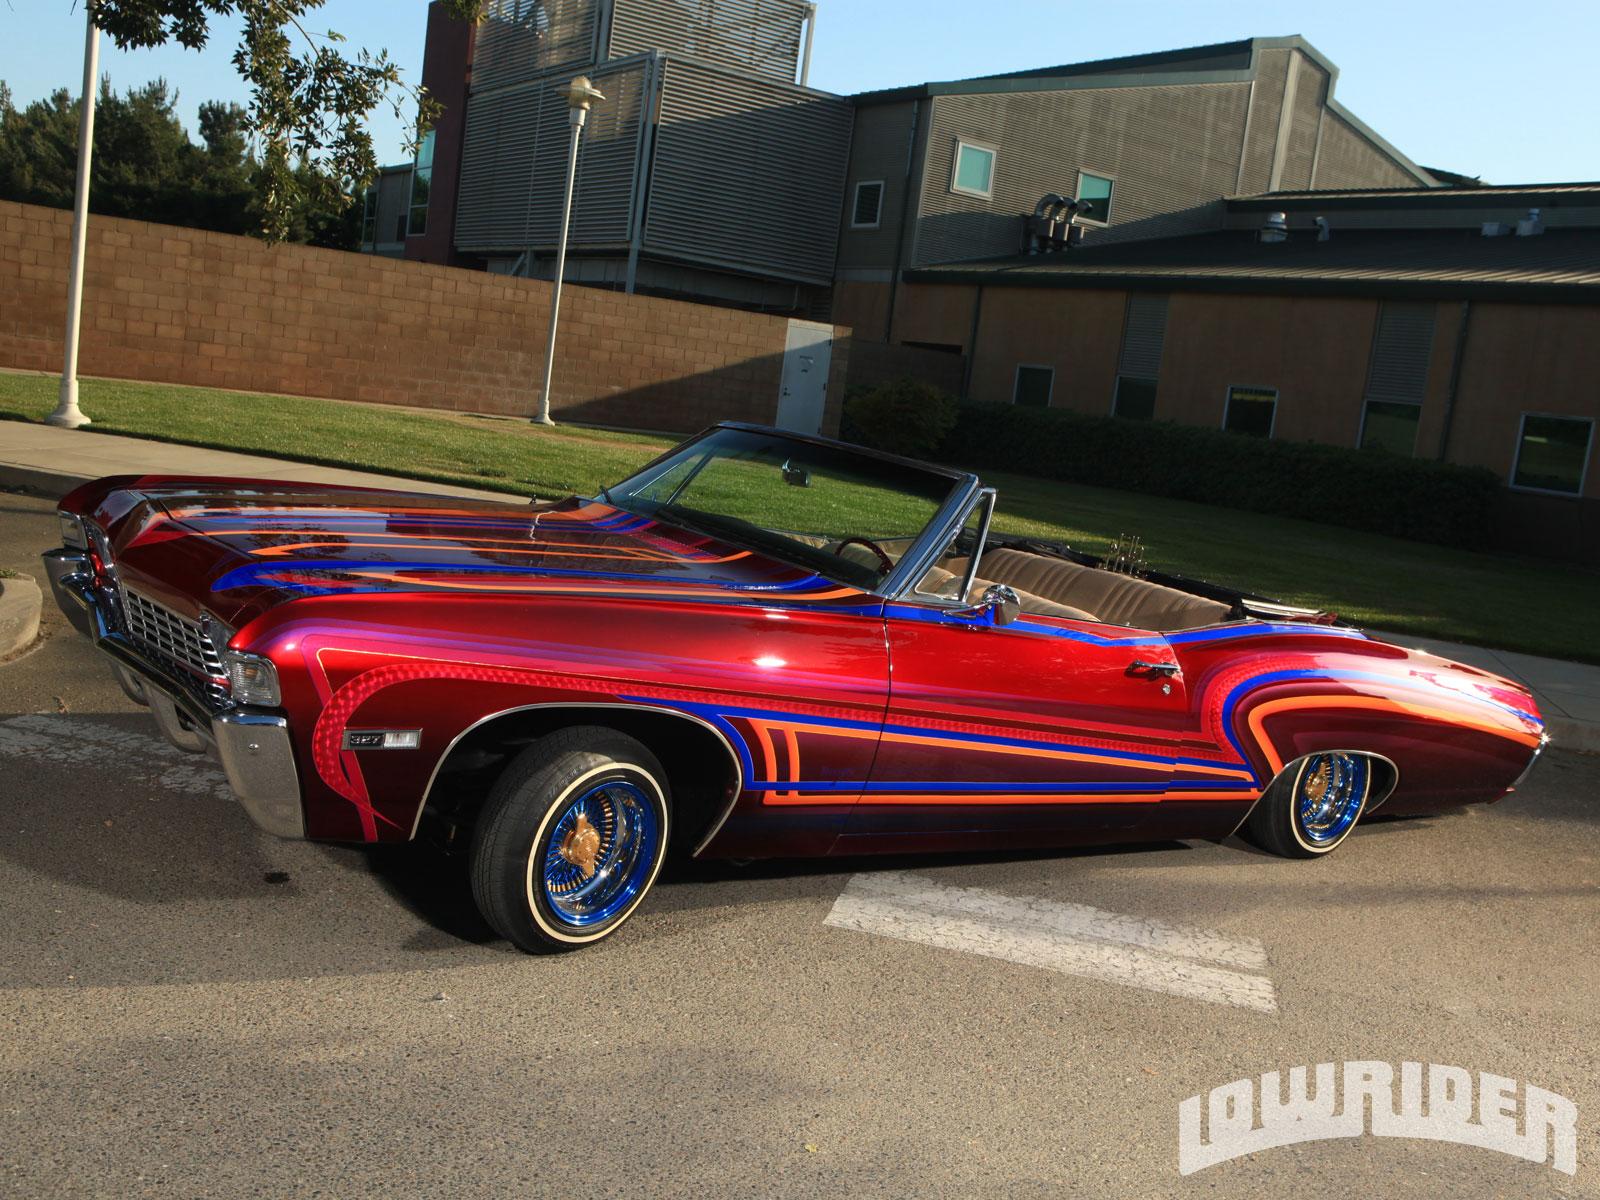 2018 Black Impala >> 1968 Chevrolet Impala - Lowrider Magazine